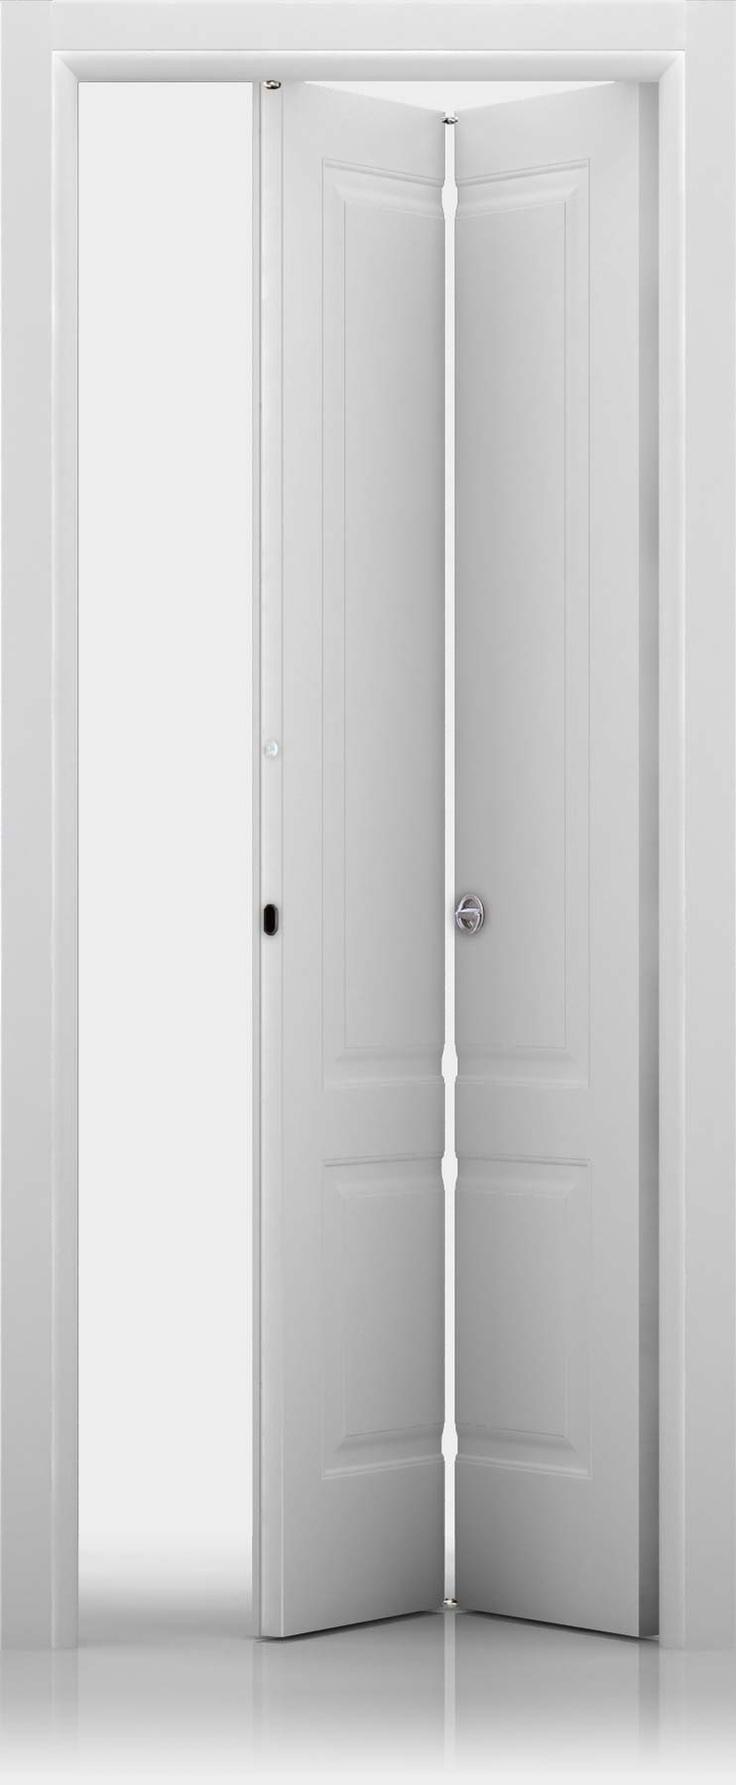 porta cieca a libro  finitira laccata bianca  modello Kevia 2  Ferrero Legno